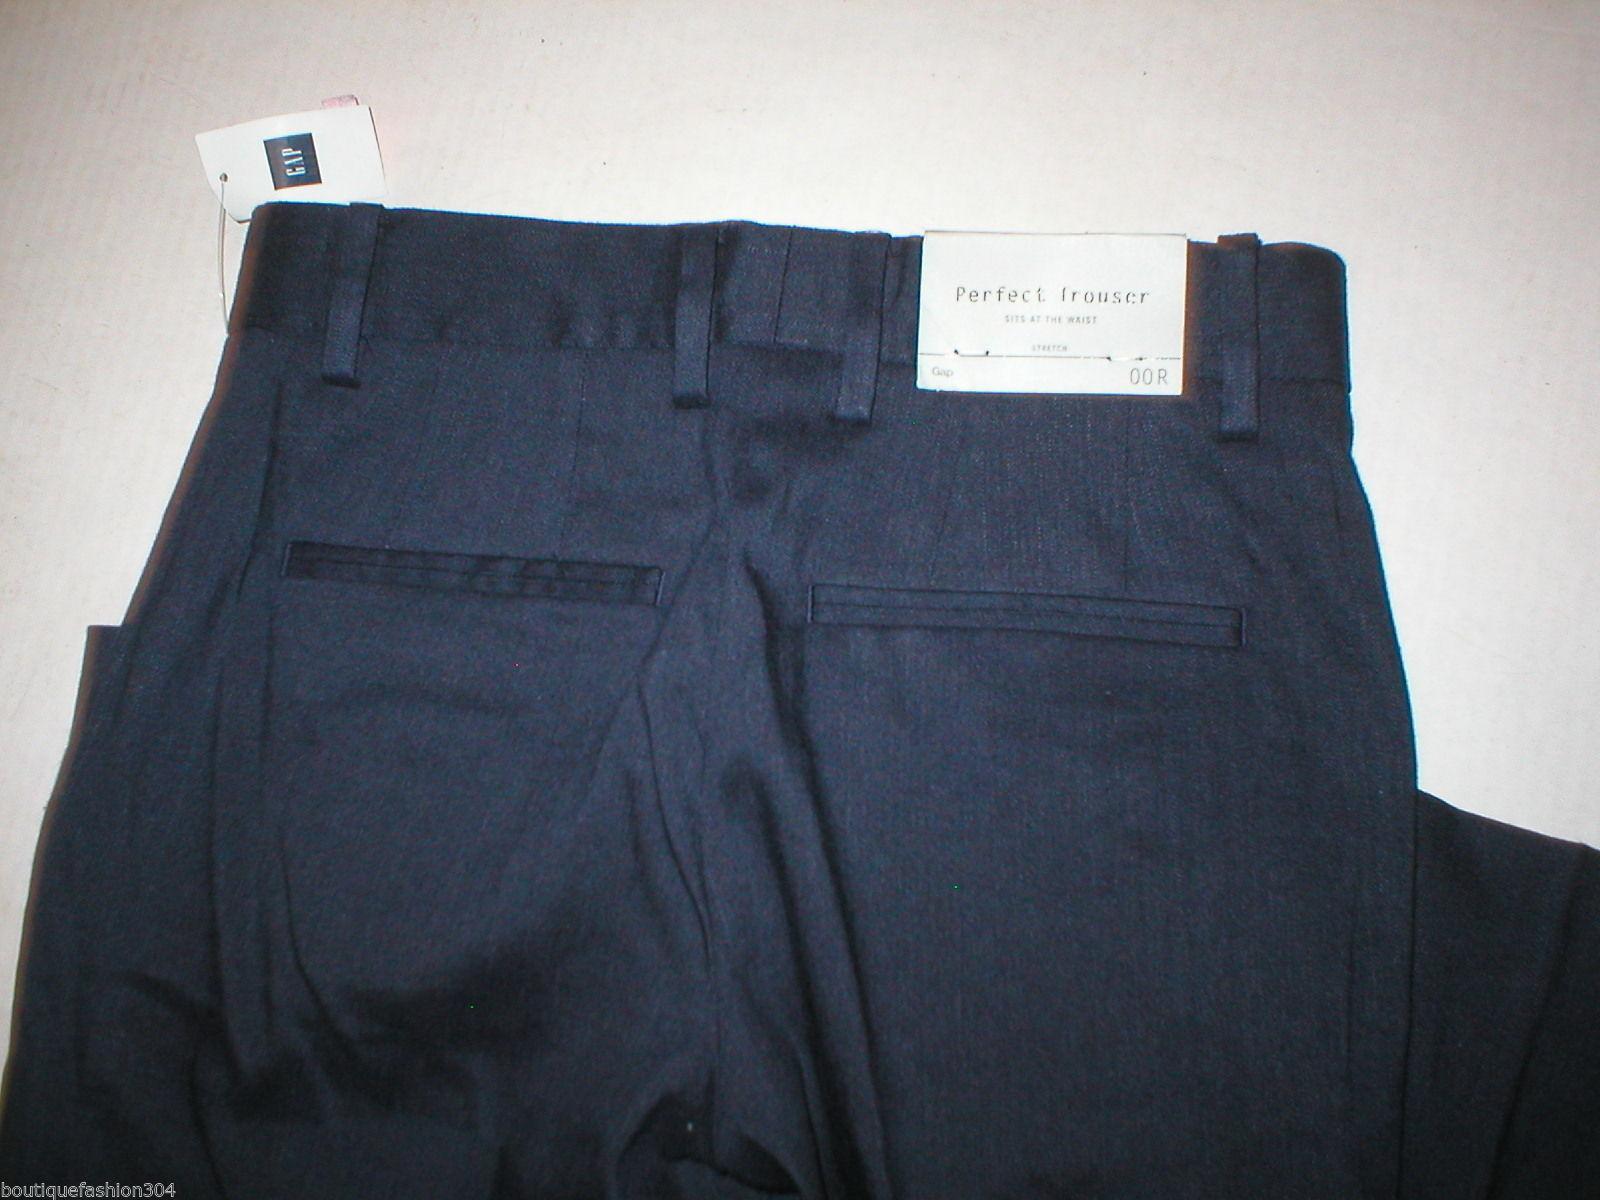 New NWT $70 Gap Perfect Trouser Pants 00 Regular Navy Blue 24 Dark Work Linen